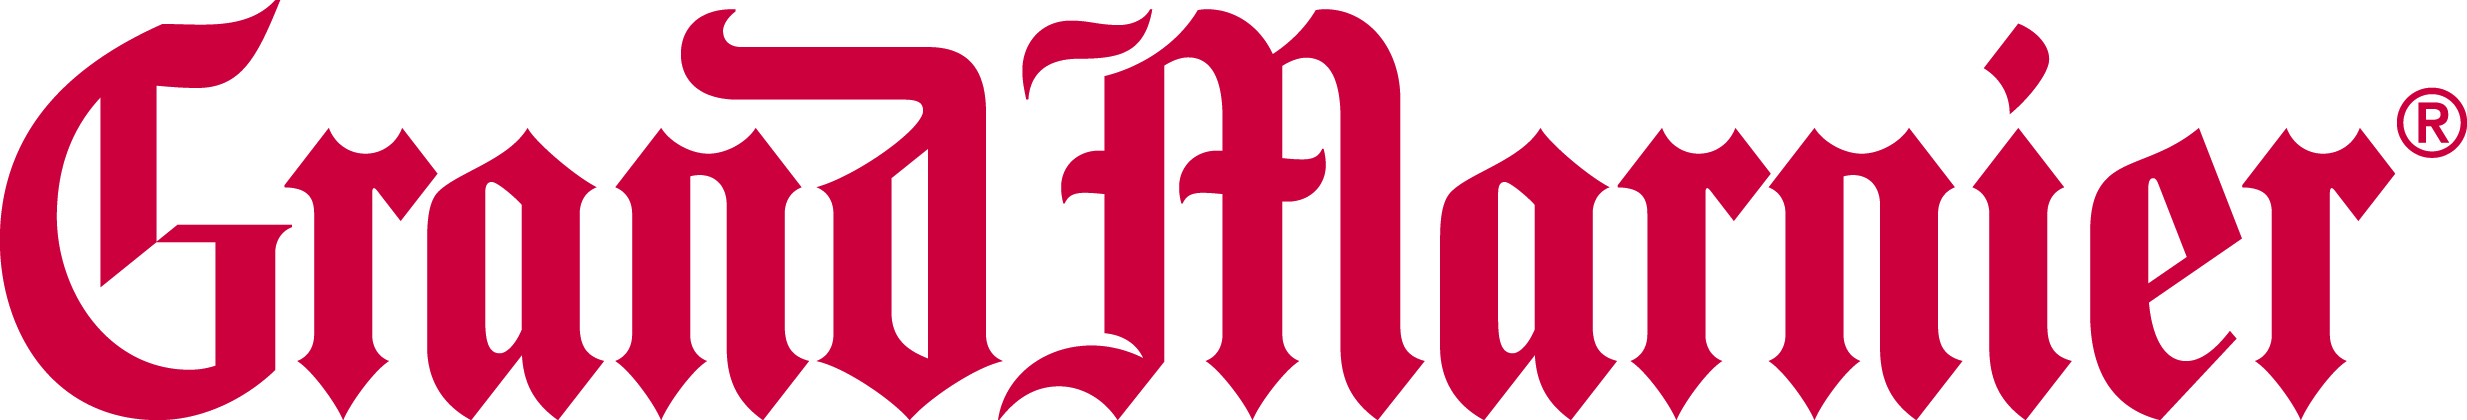 GMCR_GrandMarnier-Logo_rot_cmyk.jpg